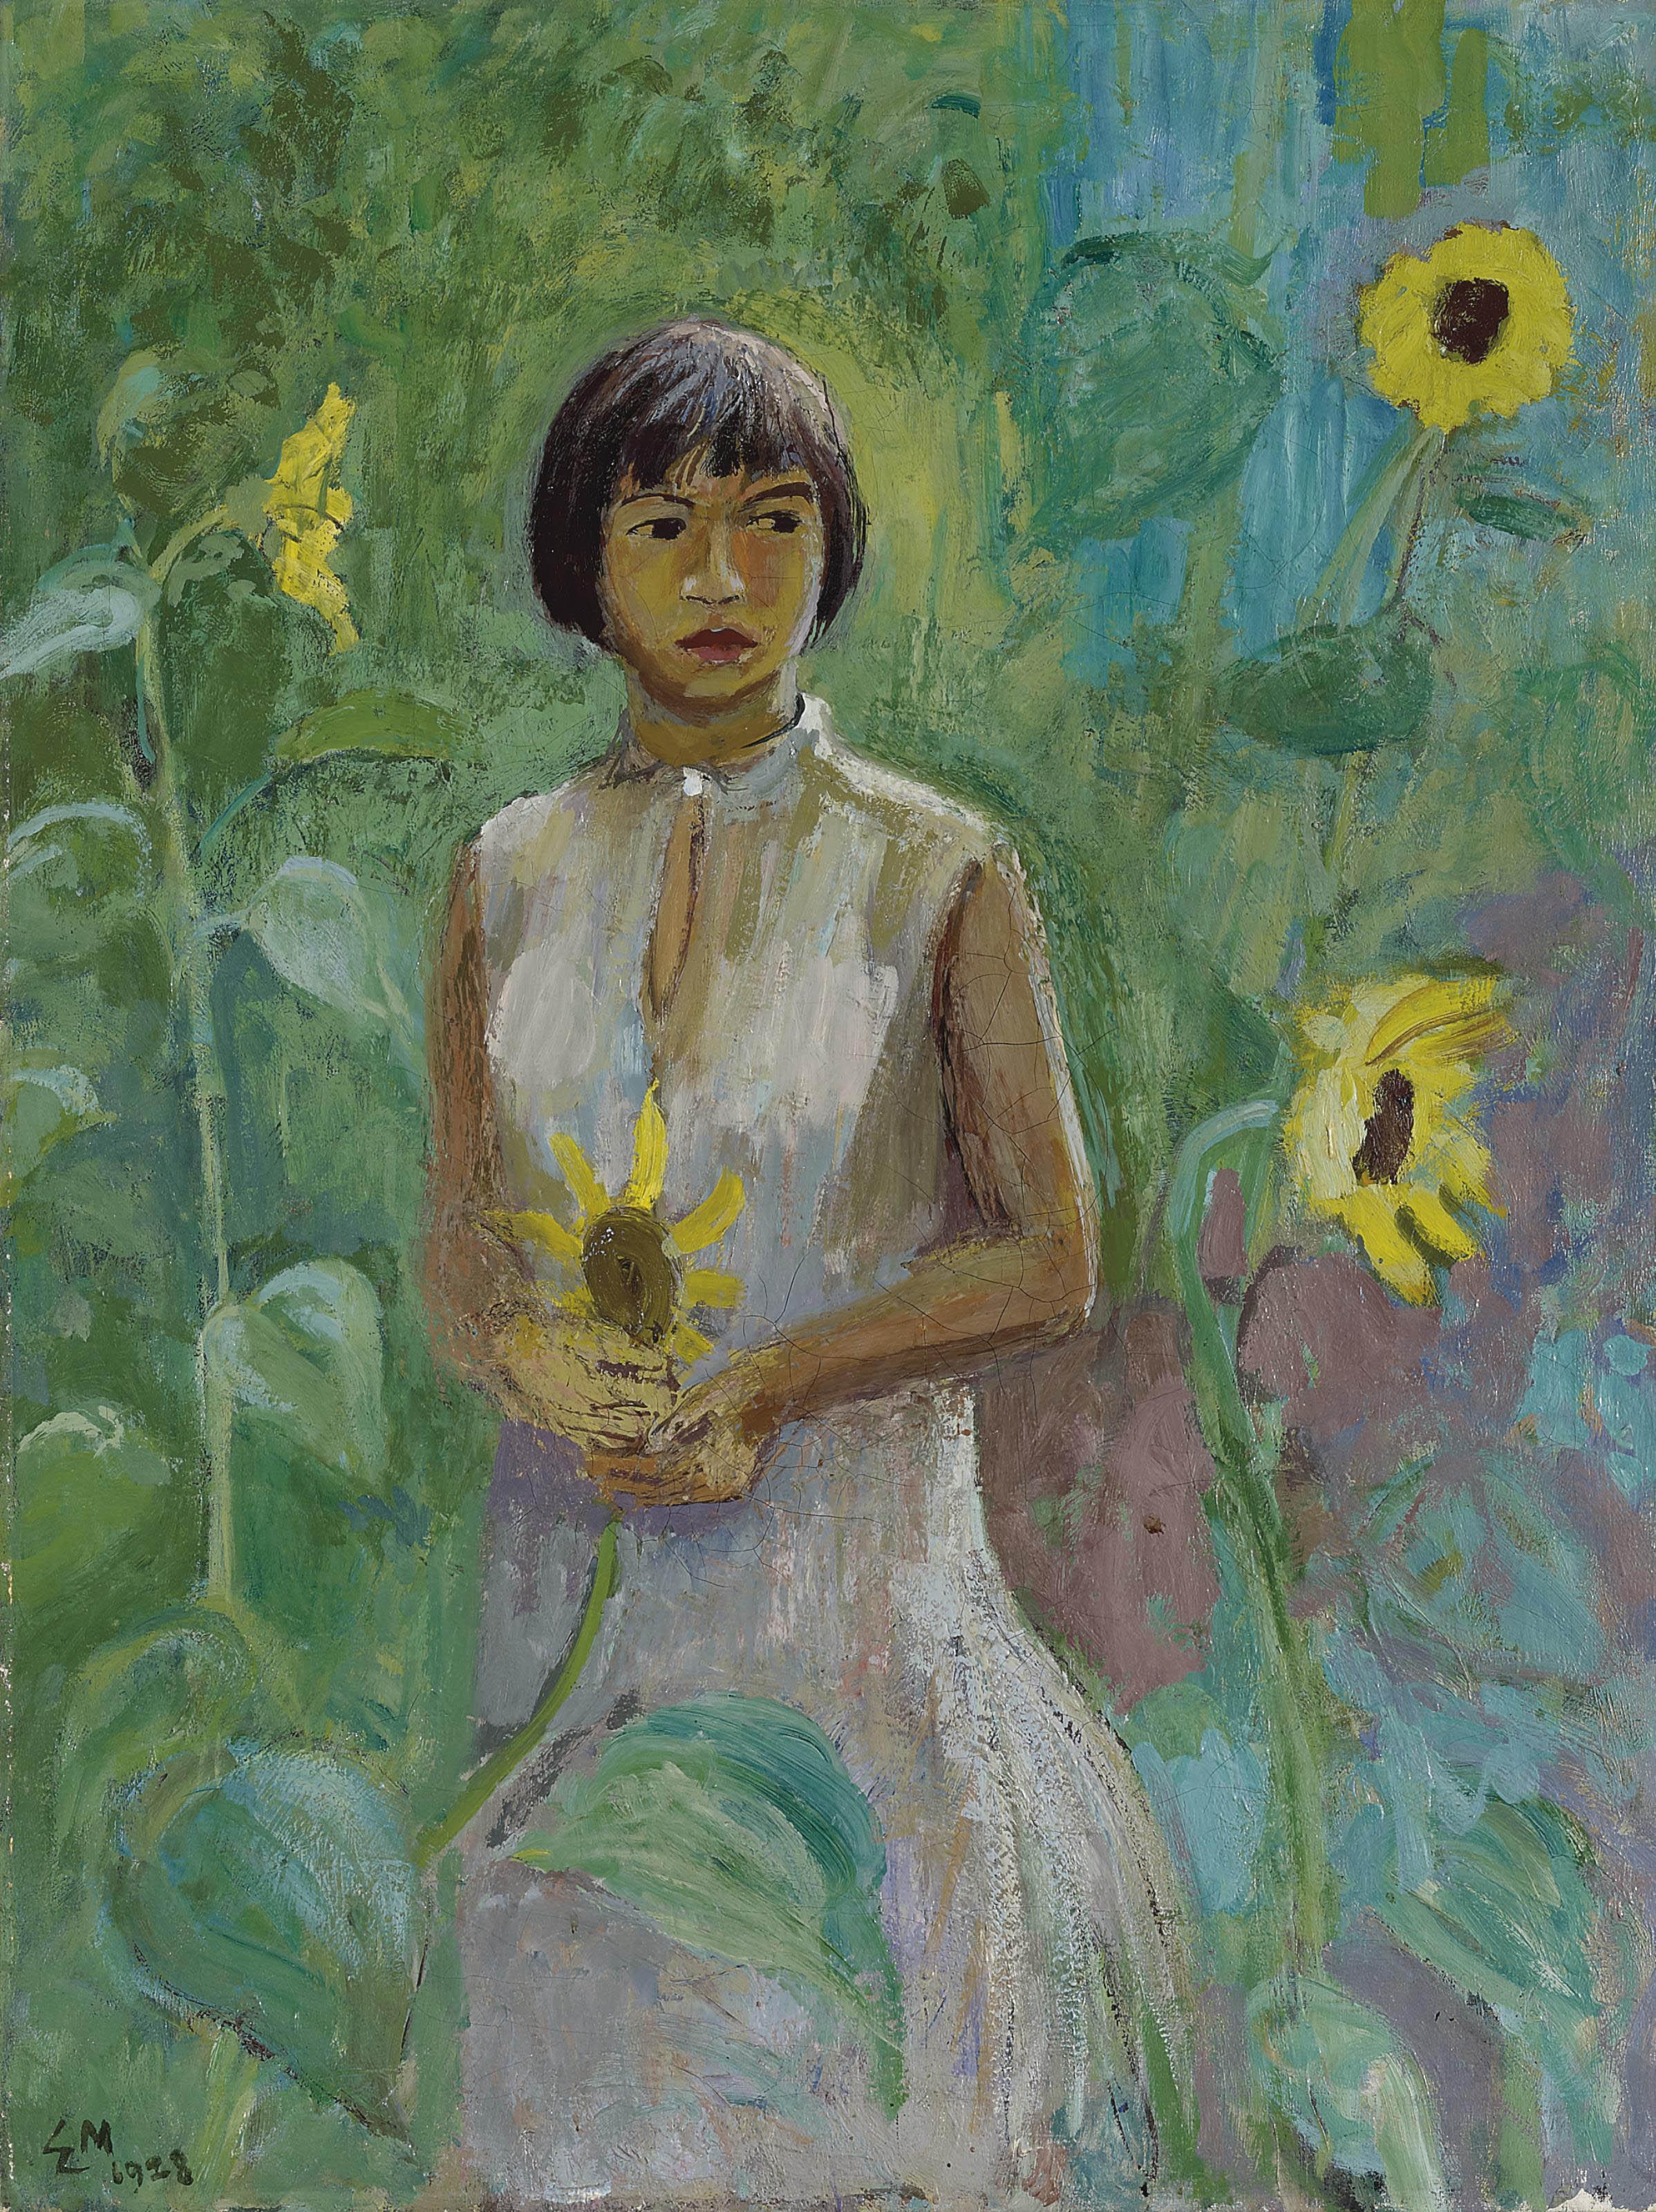 Mädchen in Sonnenblumen, 1928